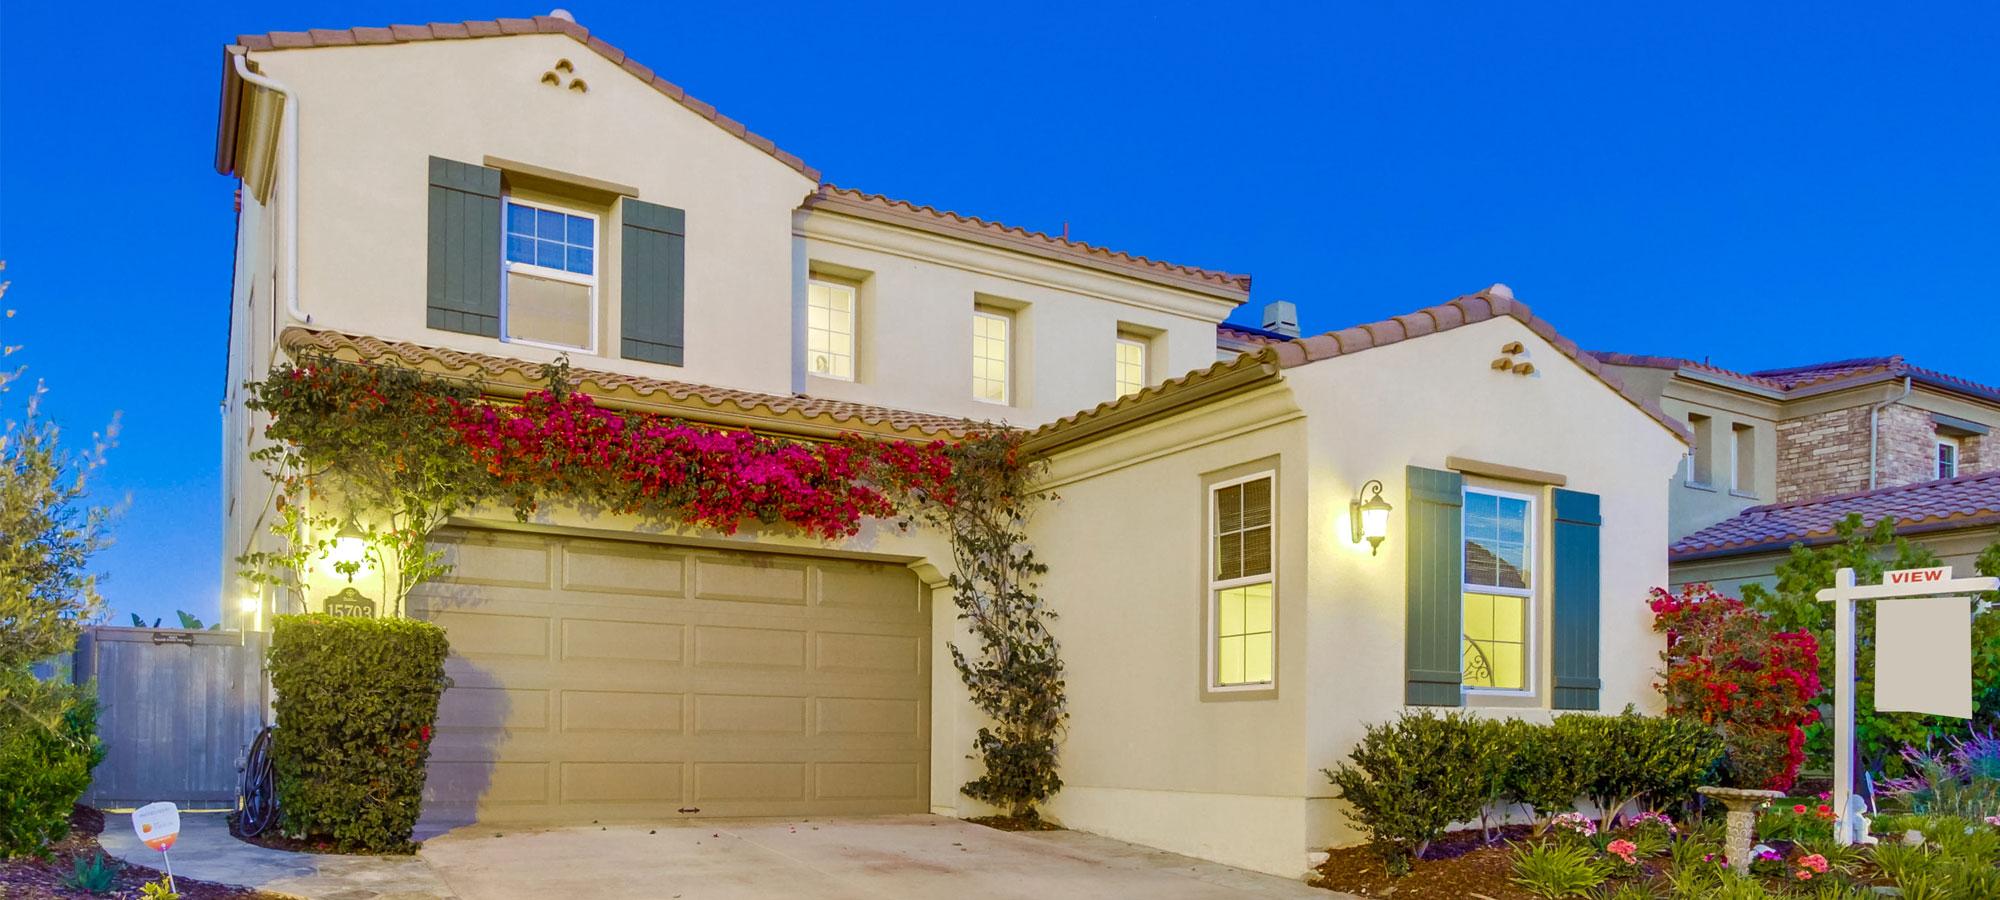 15703 Kristen Glen, San Diego, CA 92127